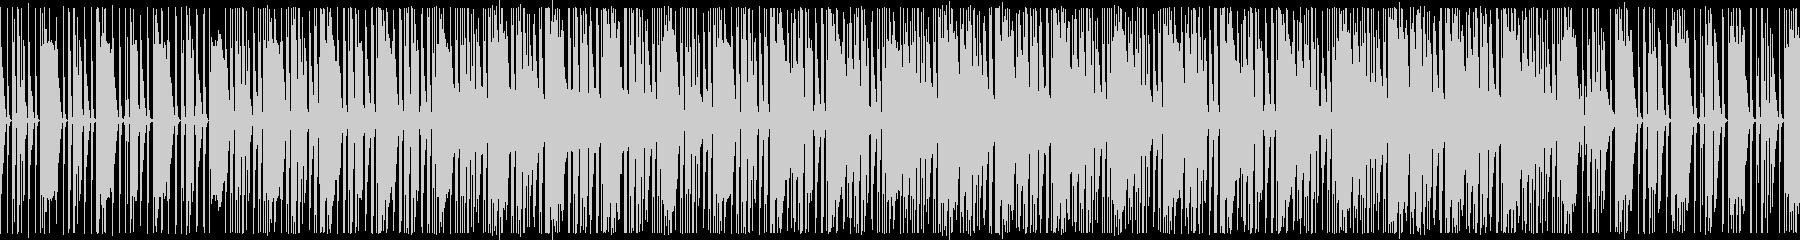 哀愁ピアノが特徴的なファンキーダブの未再生の波形